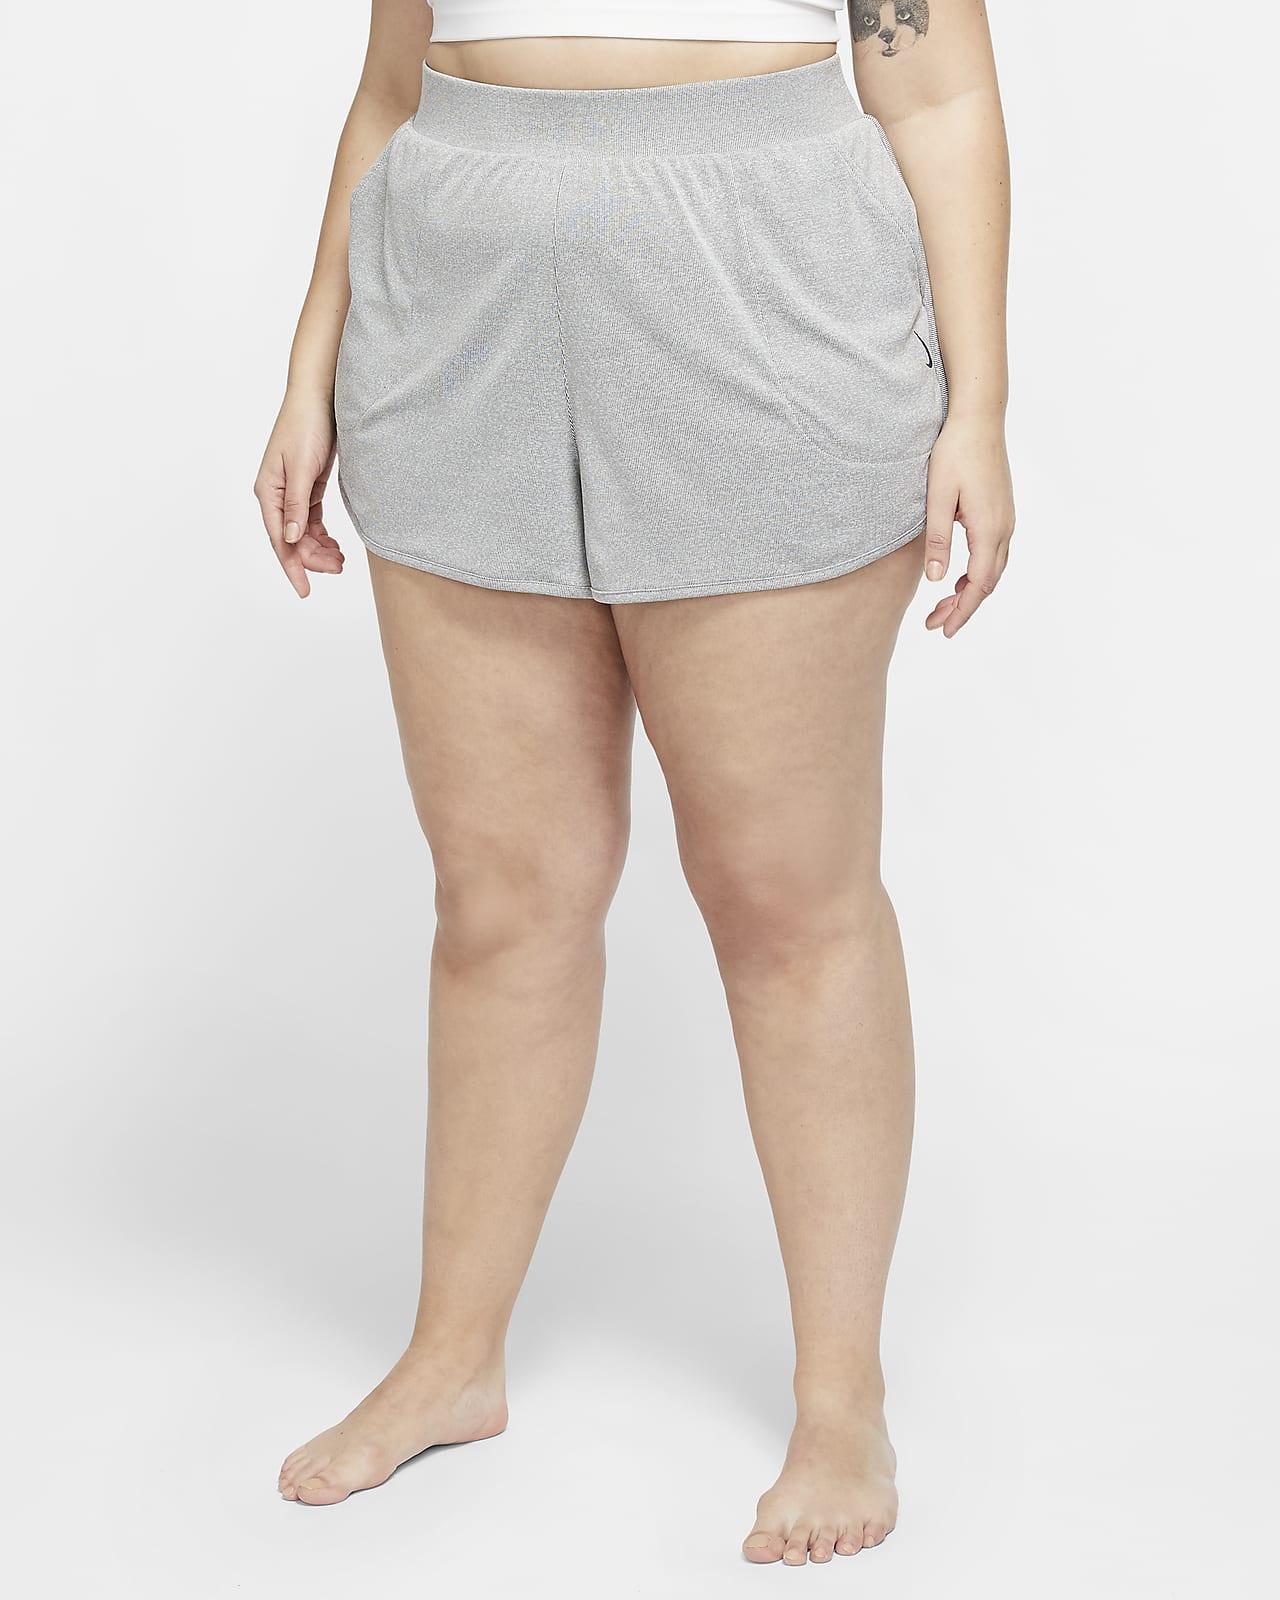 Nike Yoga Women S Shorts Plus Size Nike Com